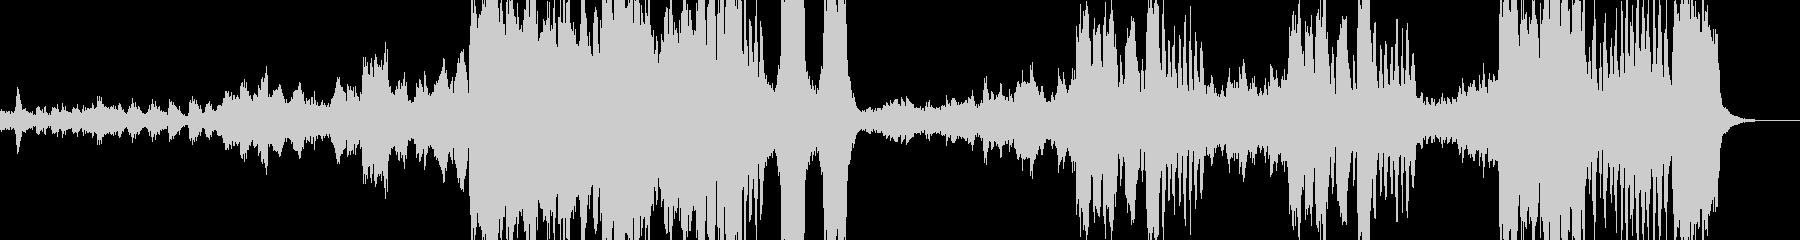 歌劇「魔笛」序曲/モーツァルトの未再生の波形